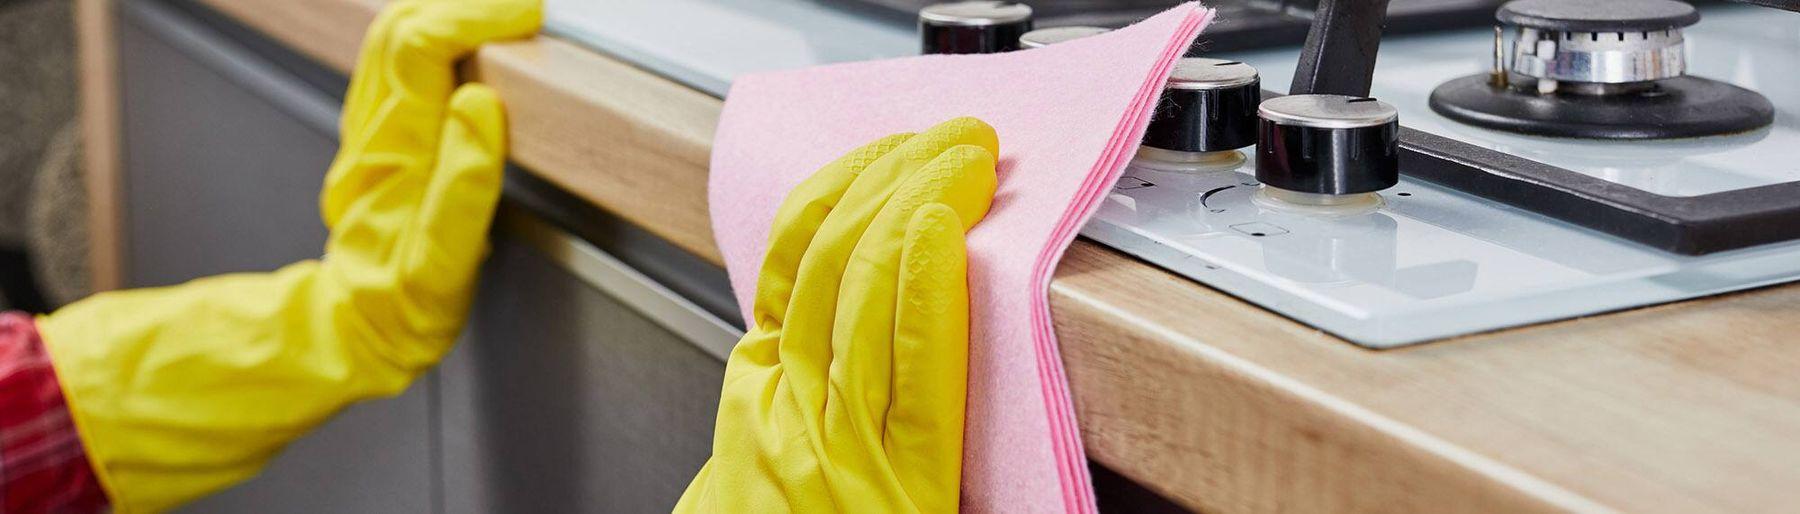 dọn nhà bếp khi trang trí phòng khách ngày tết